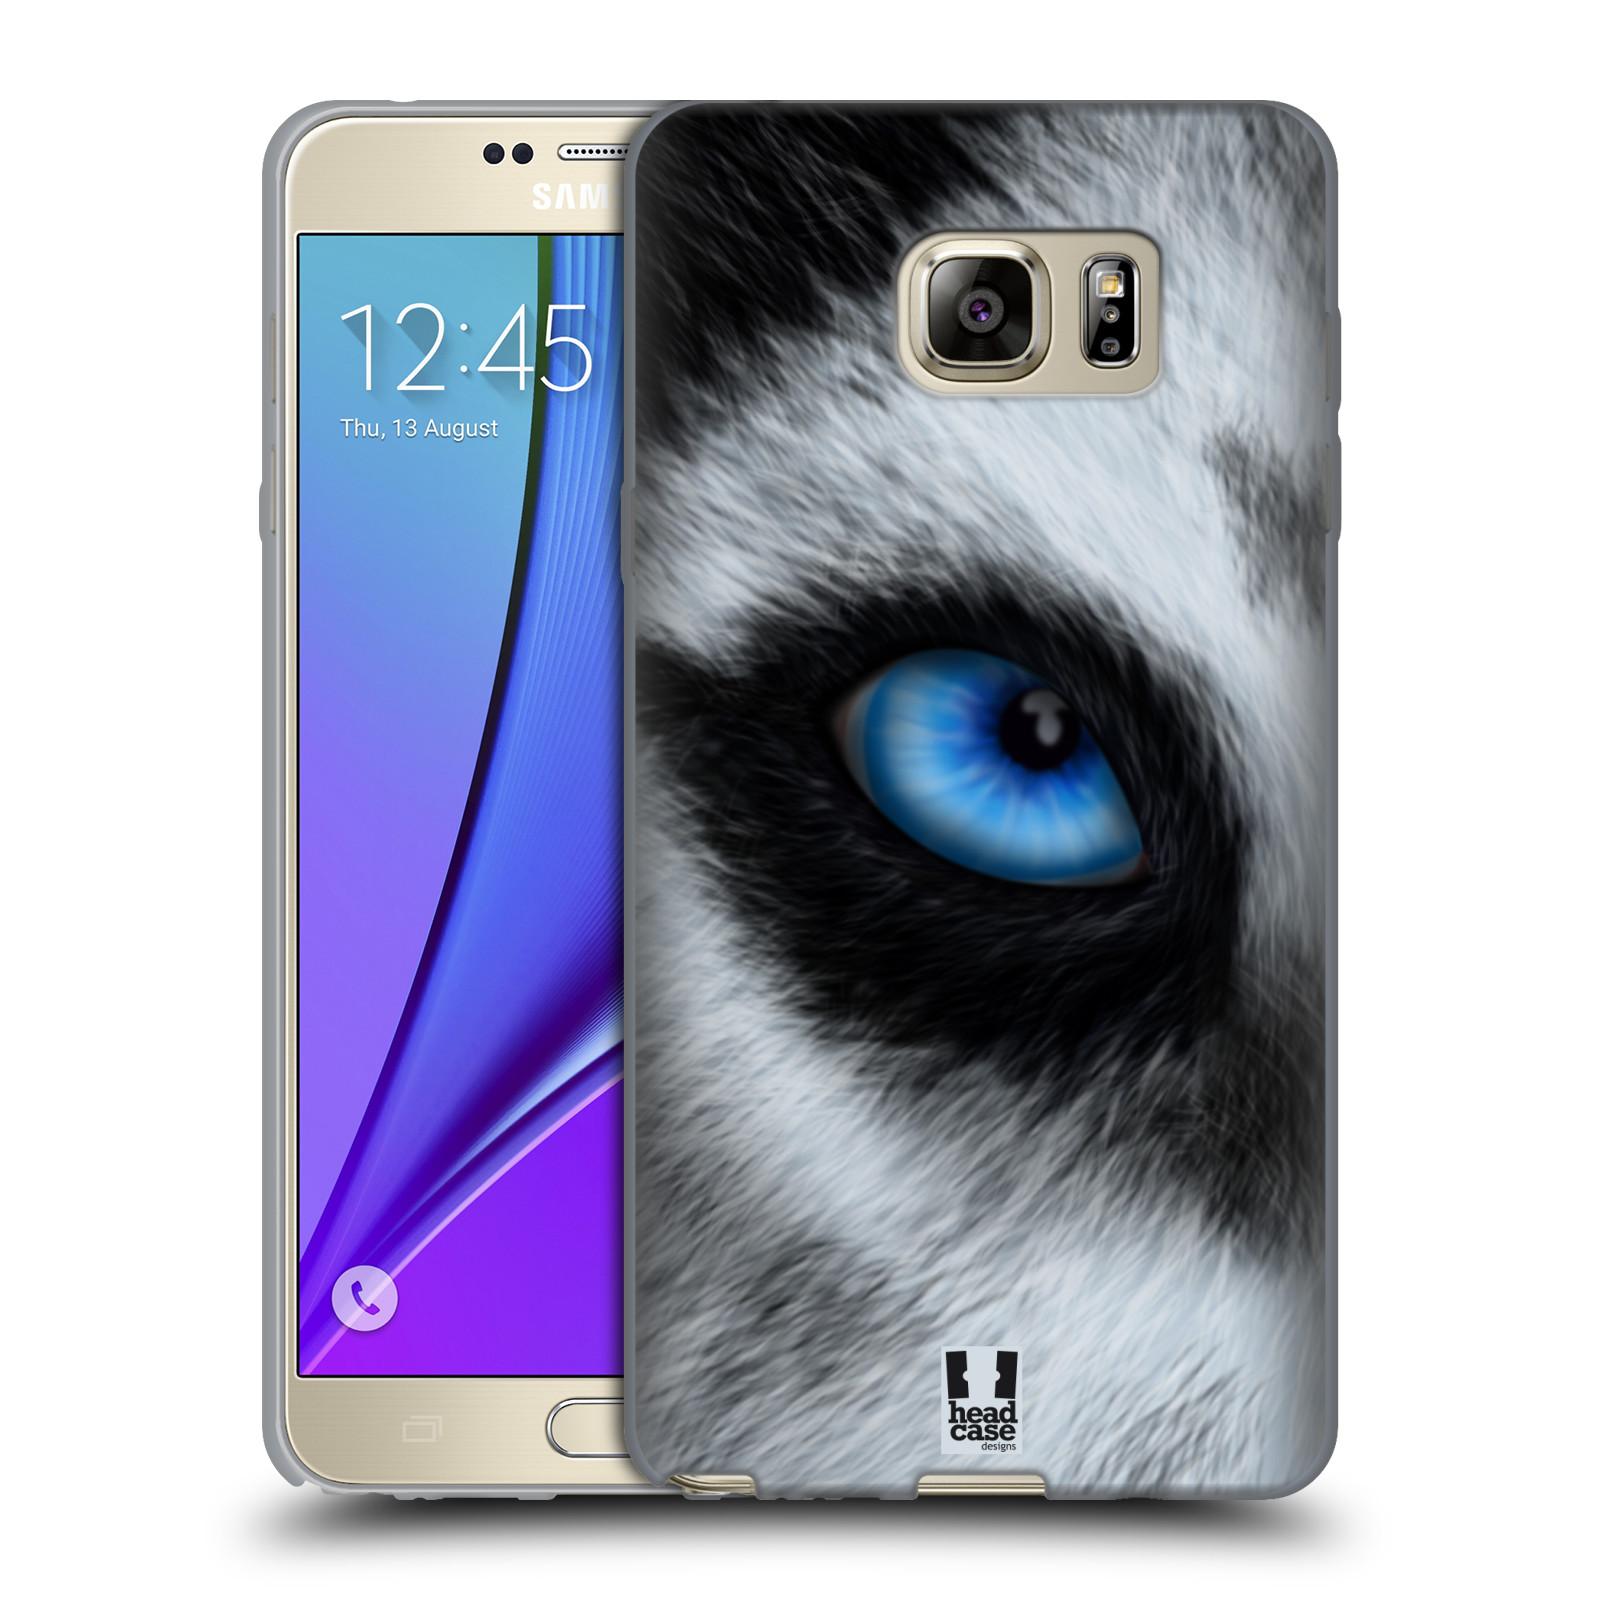 HEAD CASE silikonový obal na mobil Samsung Galaxy Note 5 (N920) vzor pohled zvířete oko pes husky